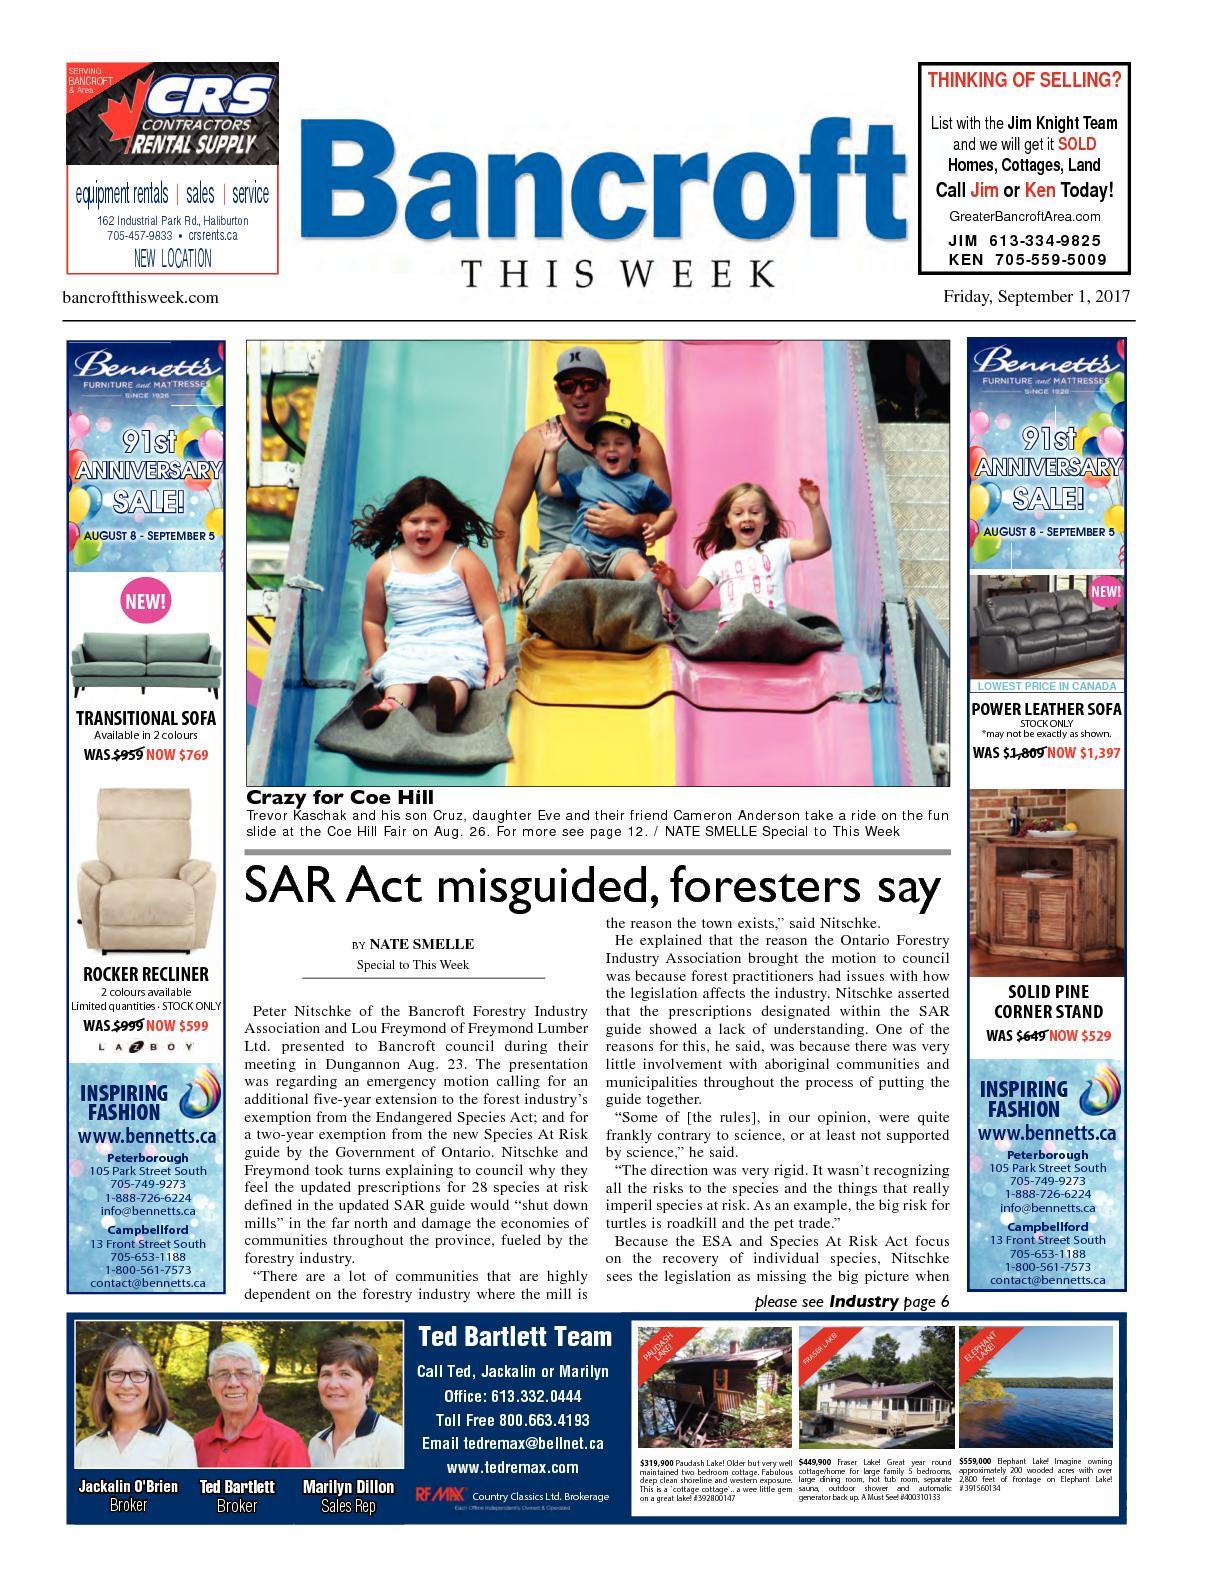 Calaméo - Bancroft This Week Sep 1, 2017